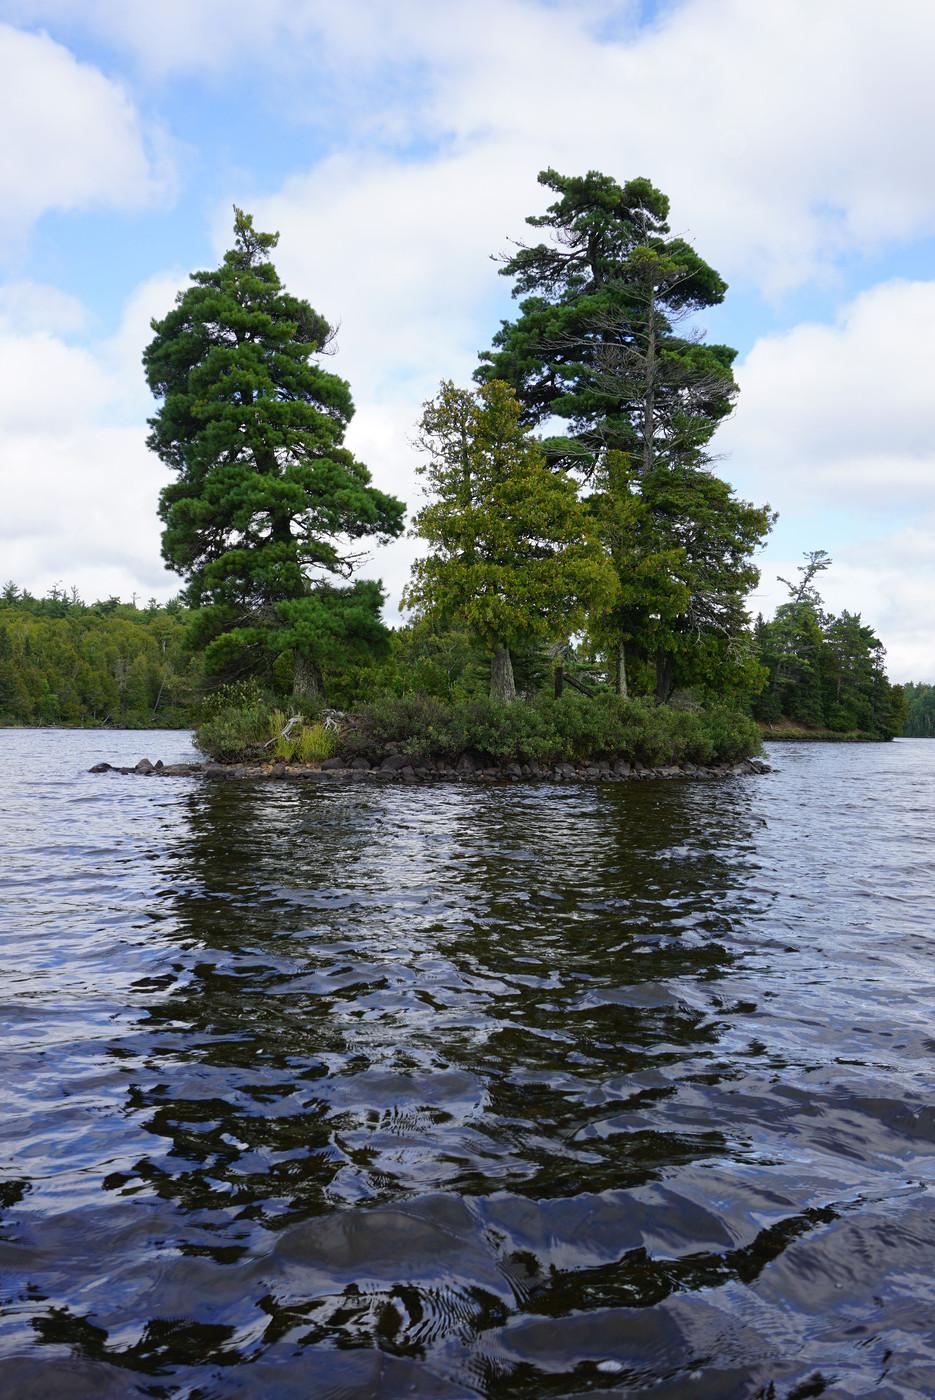 On Alder Lake